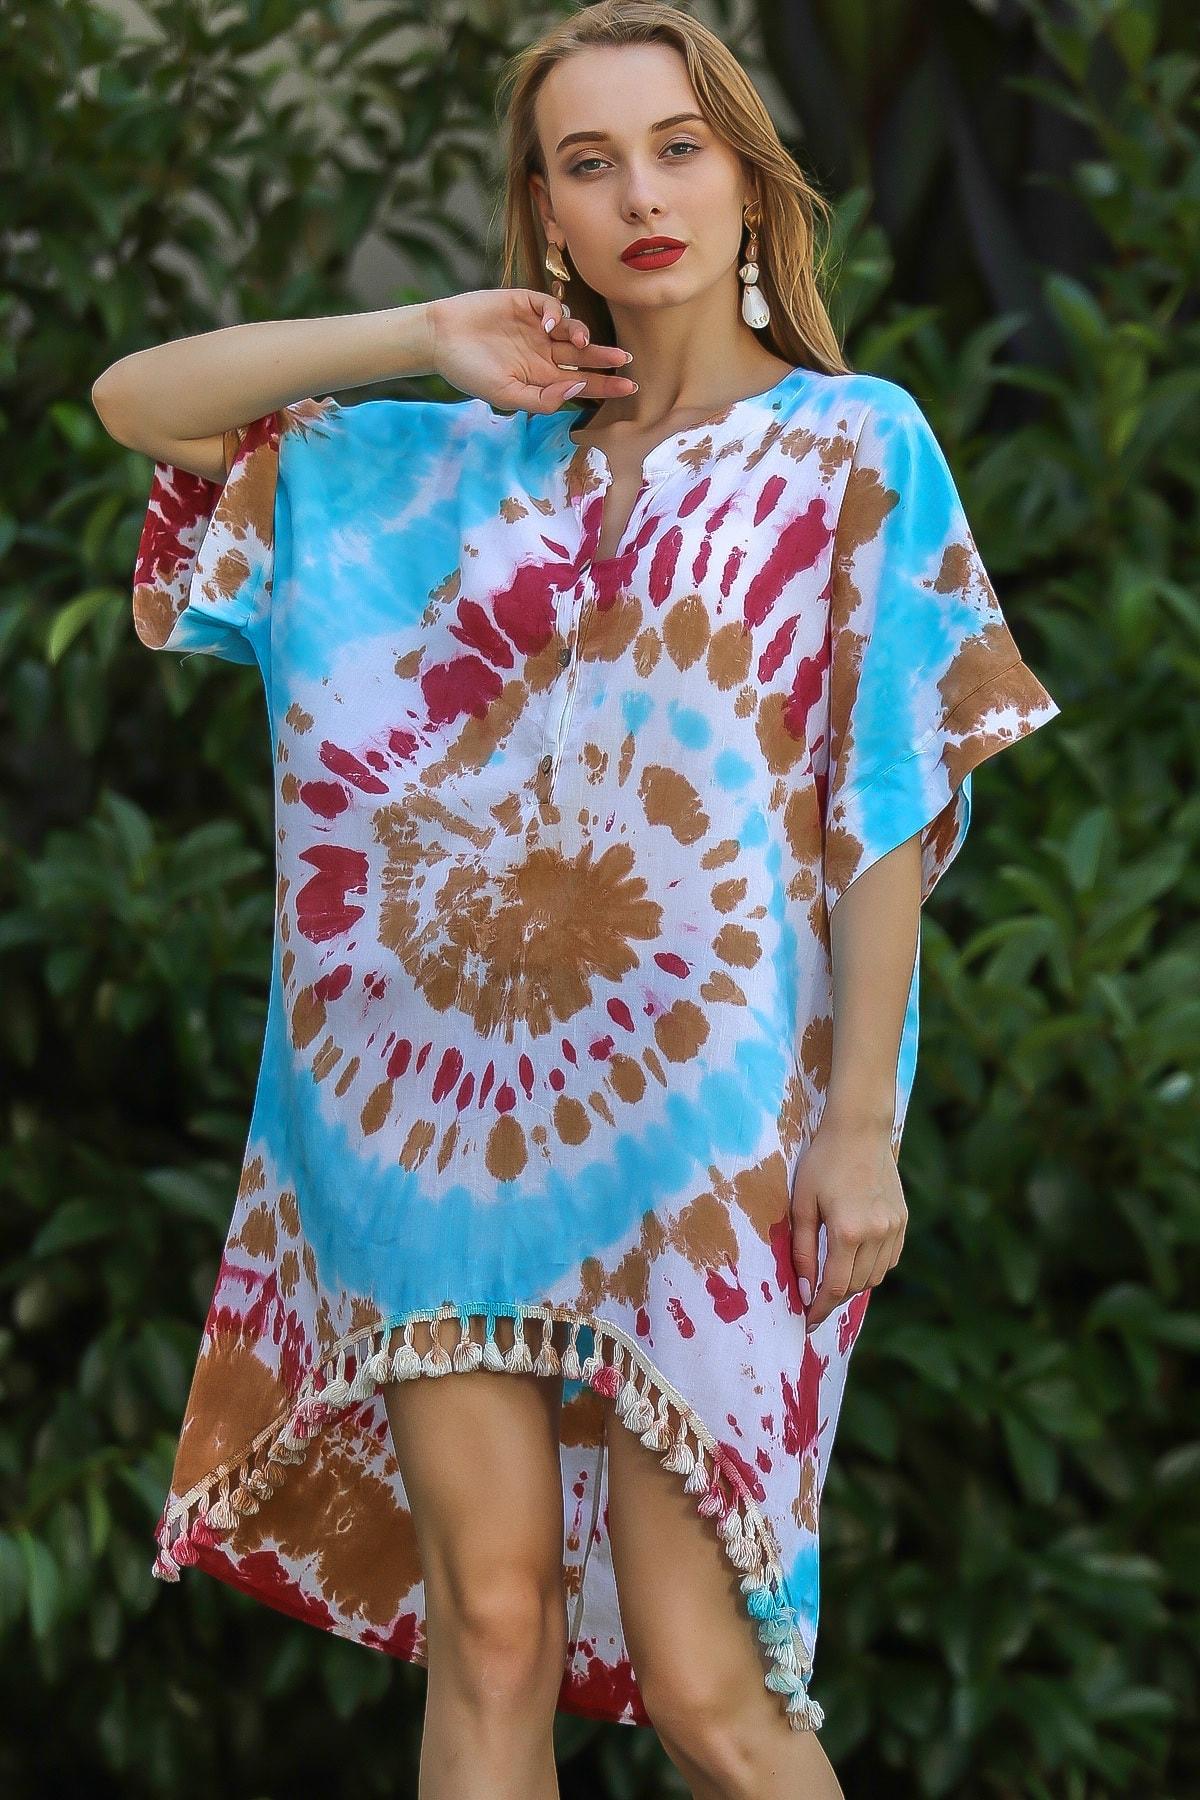 Chiccy Kadın Turkuaz Etnik Düğme Detaylı Batik Desenli Püsküllü Yıkamalı Salaş Elbise M10160000El96331